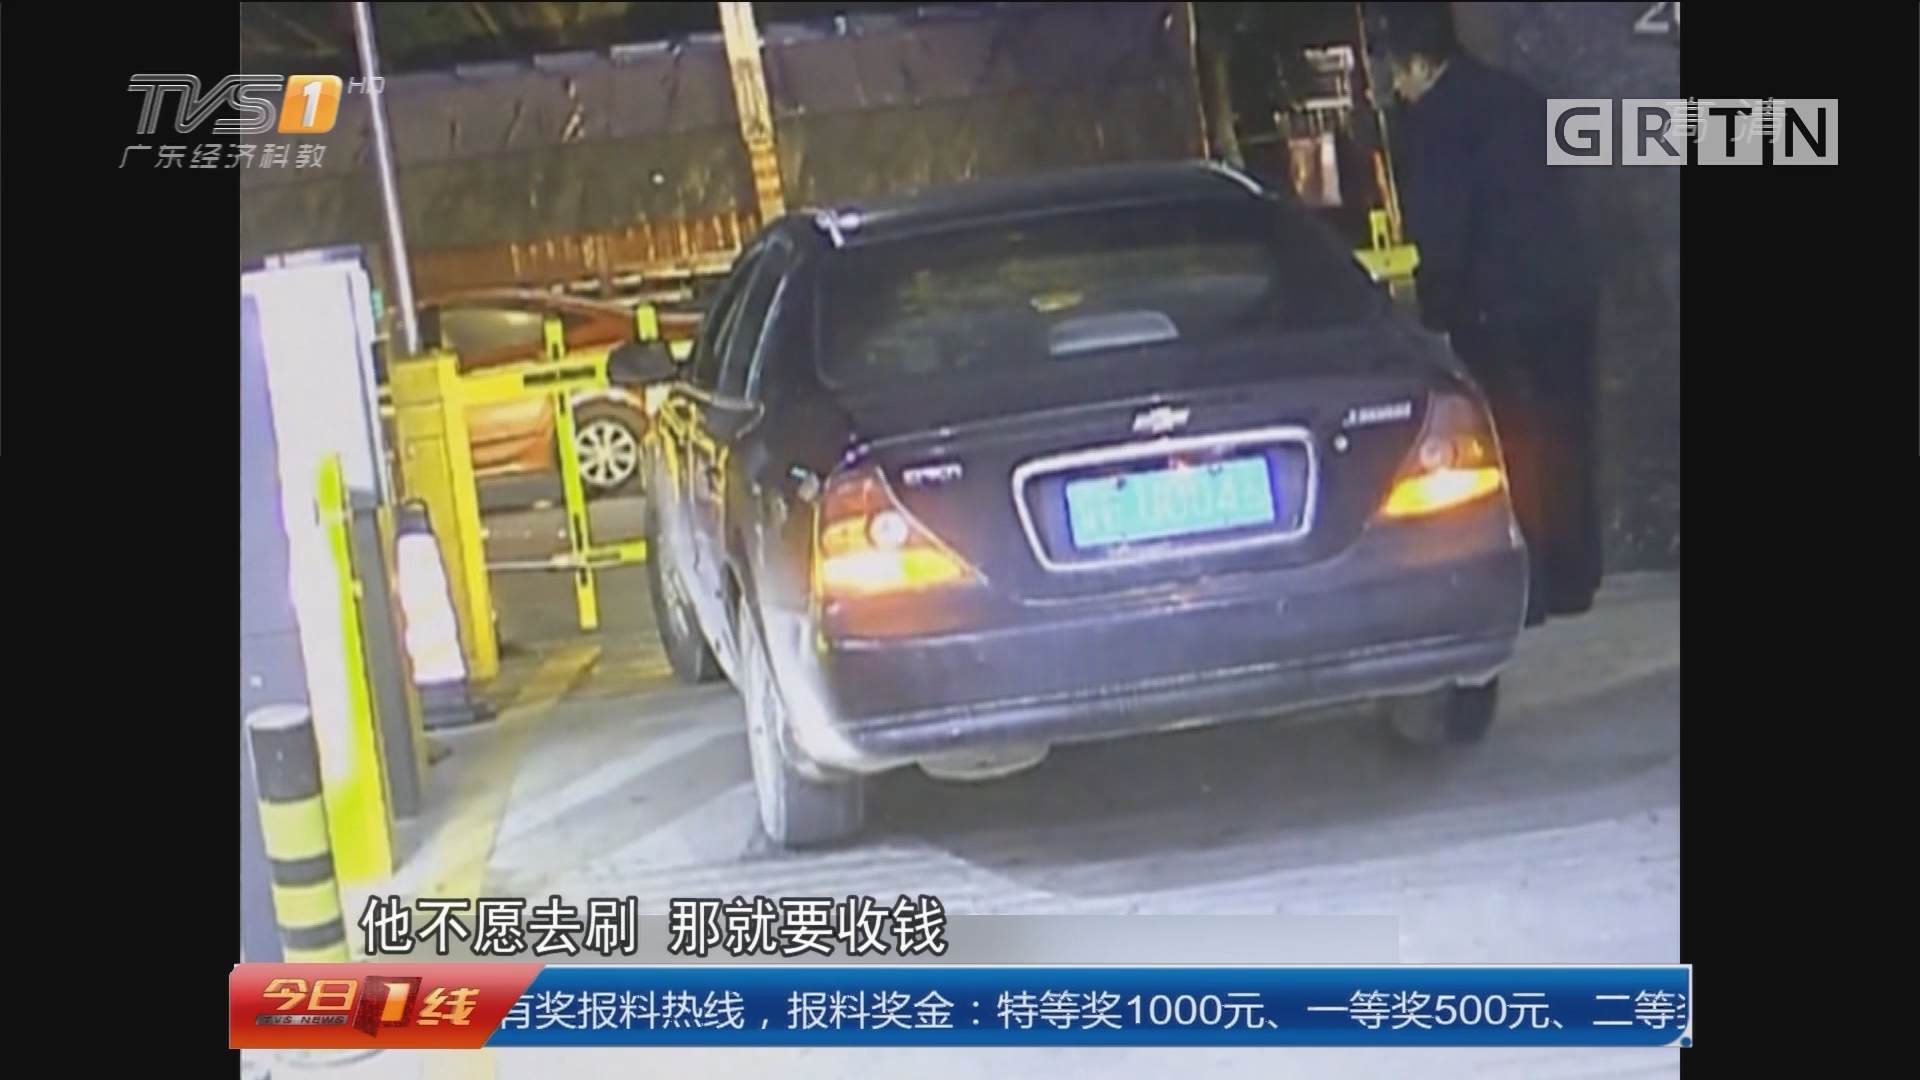 关注交通安全:韶关始兴 无证驾驶还冲卡 行拘十日!